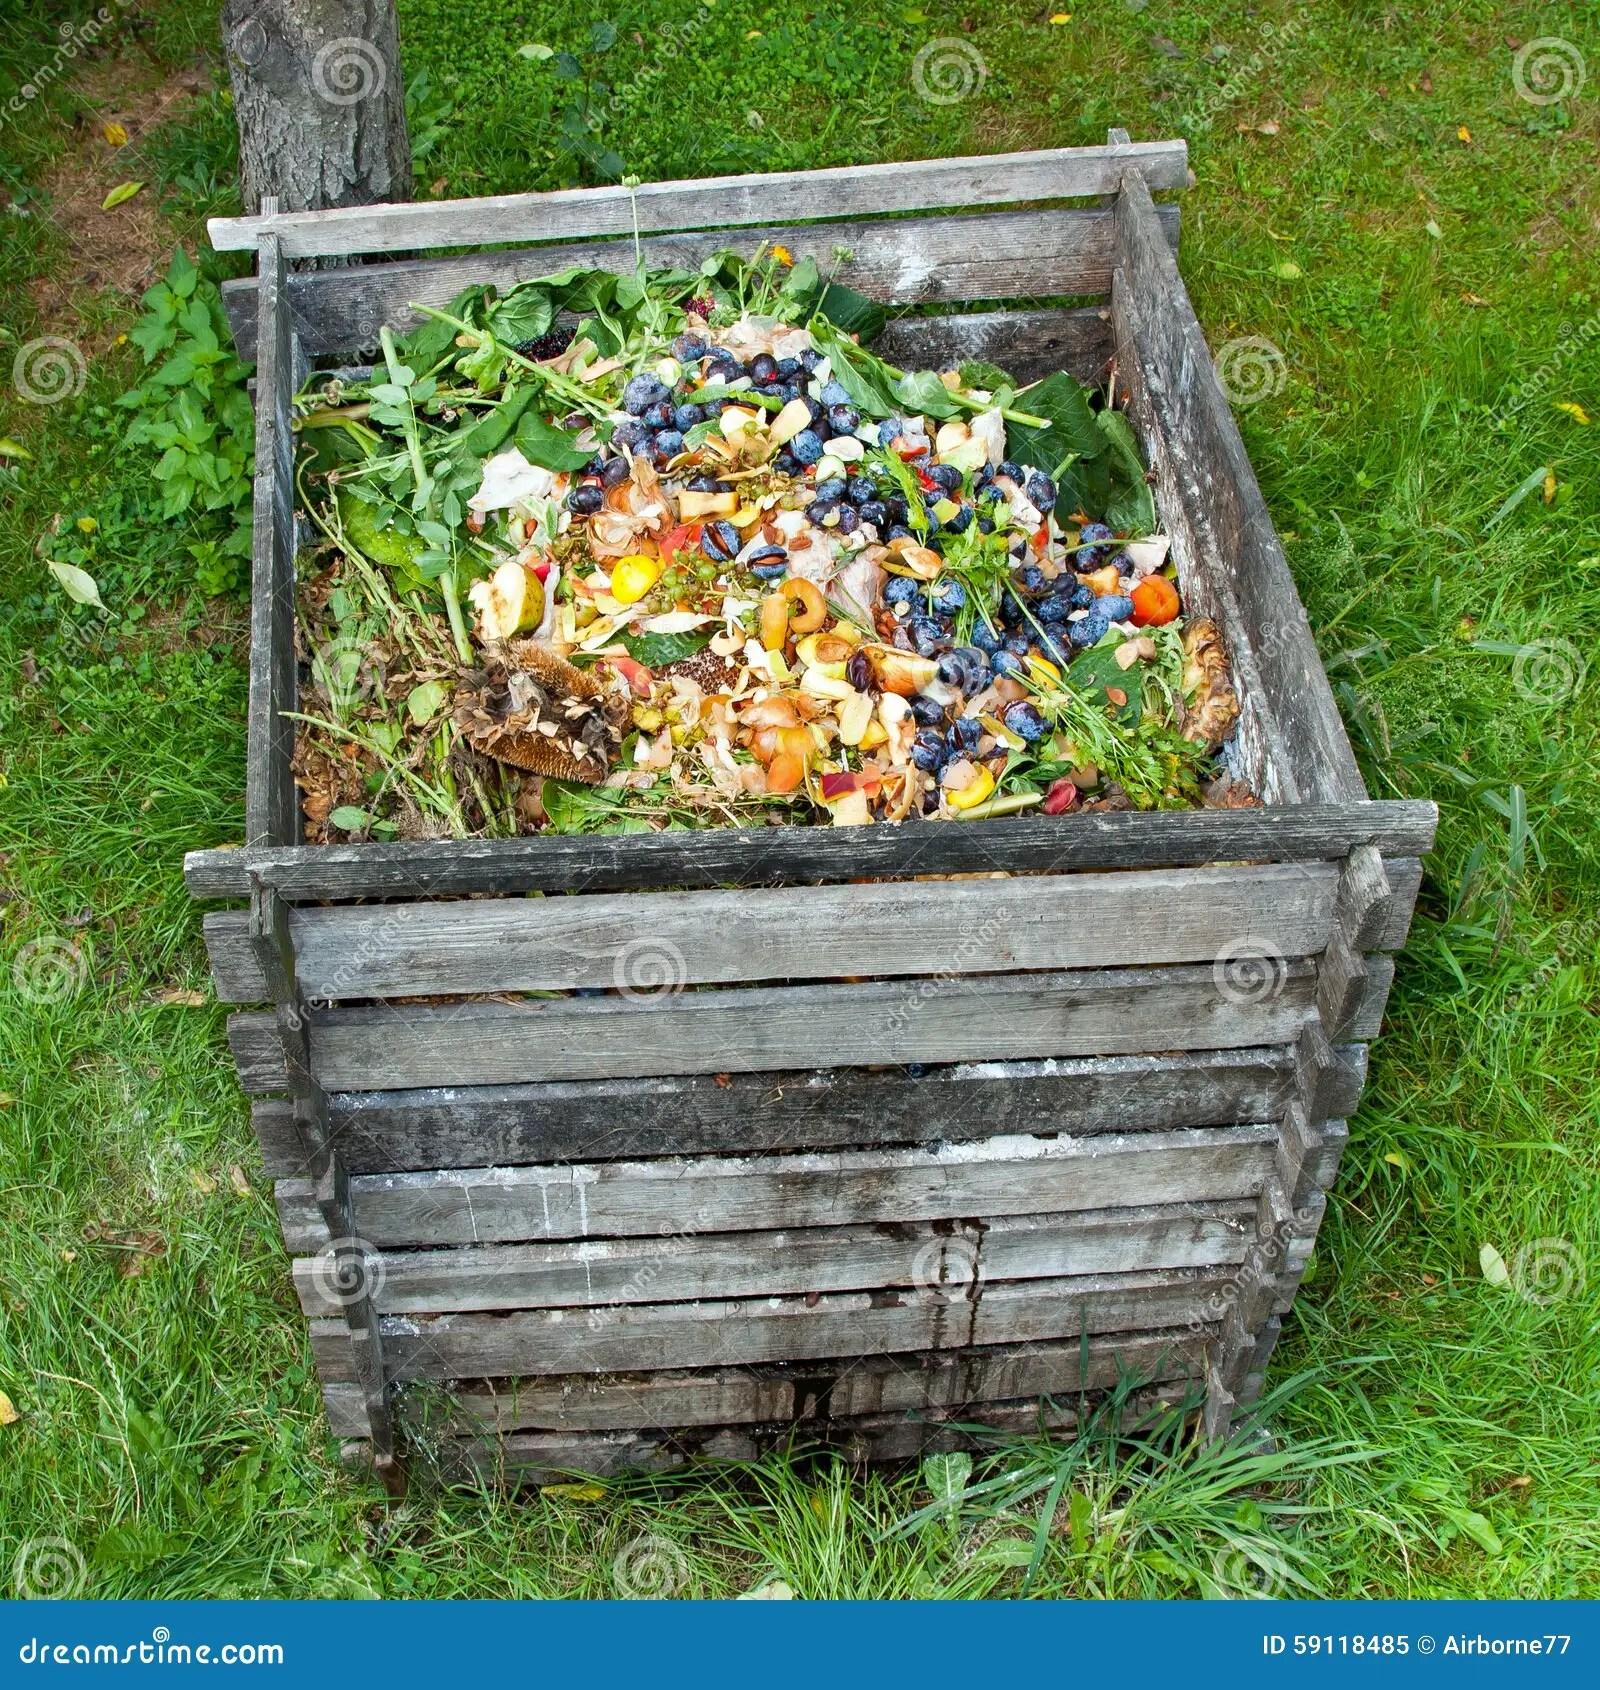 compost bin for kitchen replacement shelves cabinets 混合肥料箱库存图片 图片包括有厨房 负责 保护 环境 垃圾 分解 混合肥料箱在庭院里堆肥堆烂掉厨房水果和蔬菜小块